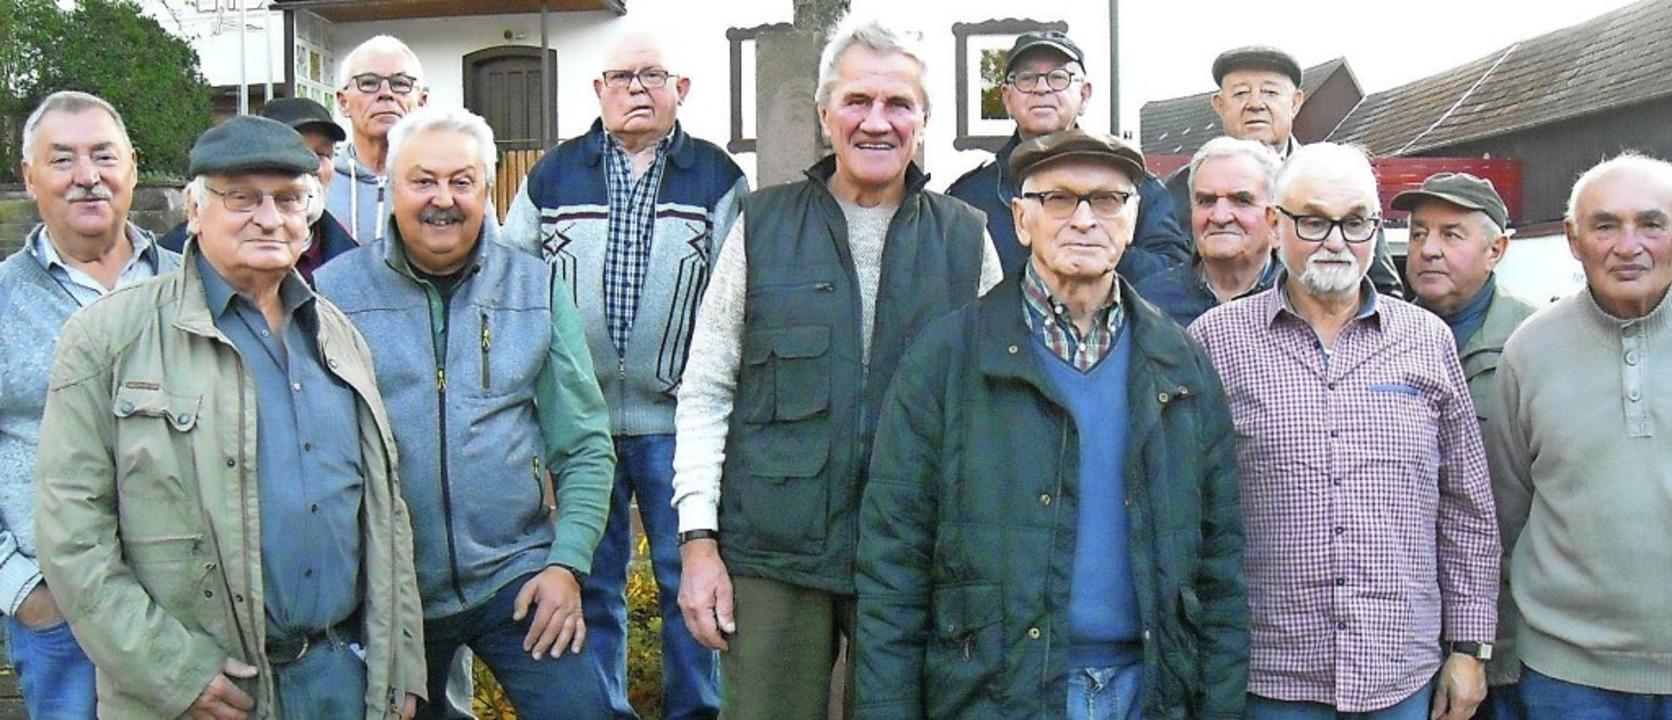 Nach 50 Jahren ist die Gruppe nicht me...fang, aber dennoch konstant unterwegs.  | Foto: Günter Killius